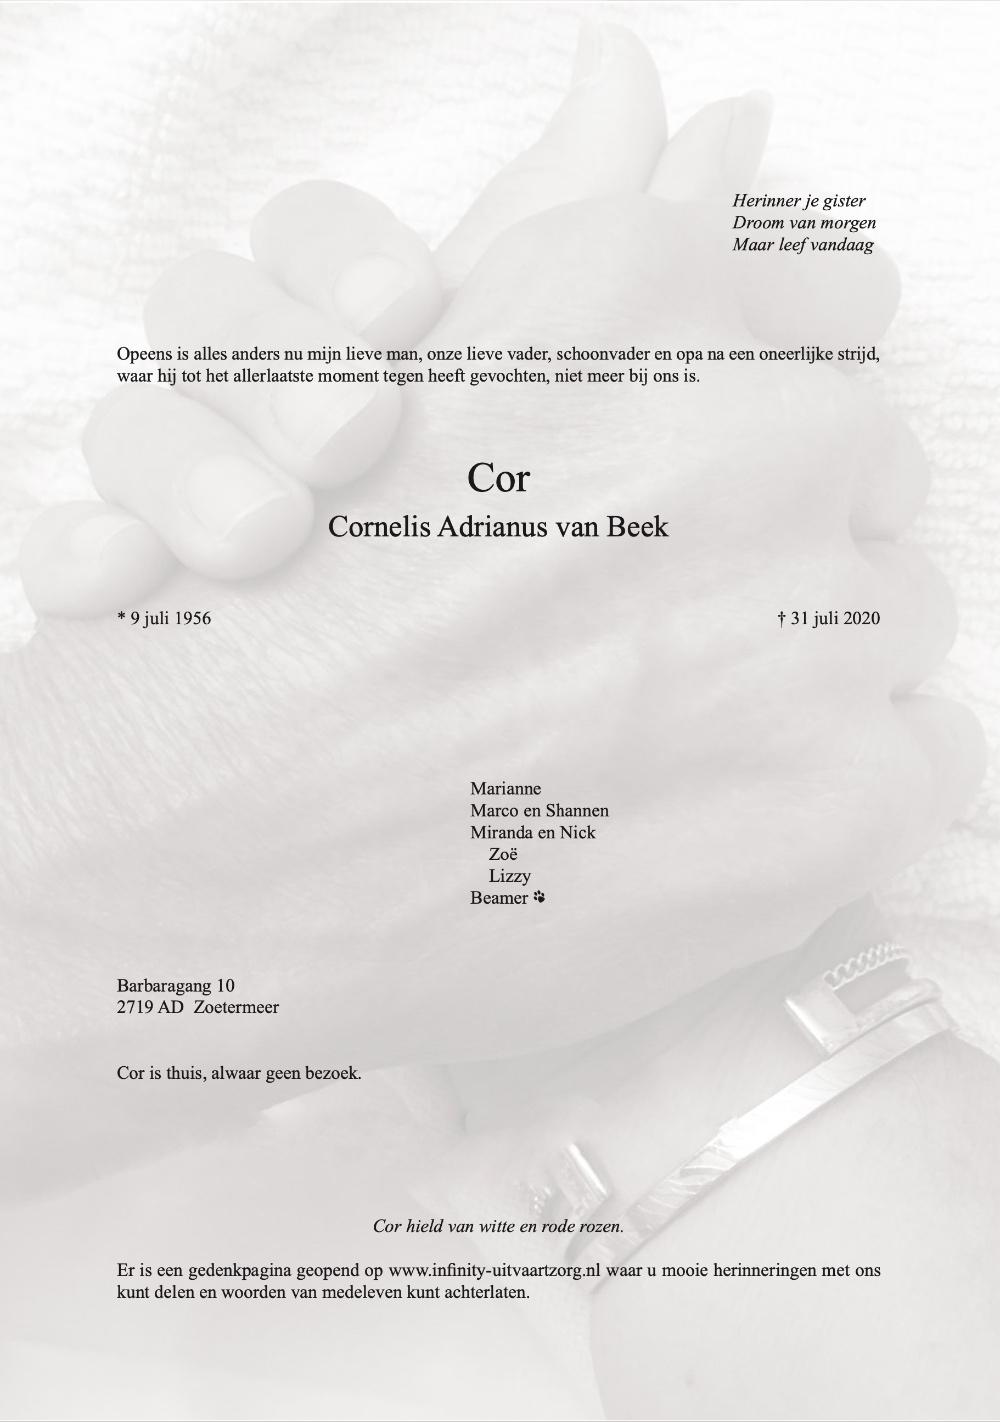 Rouwkaart Cor van Beek